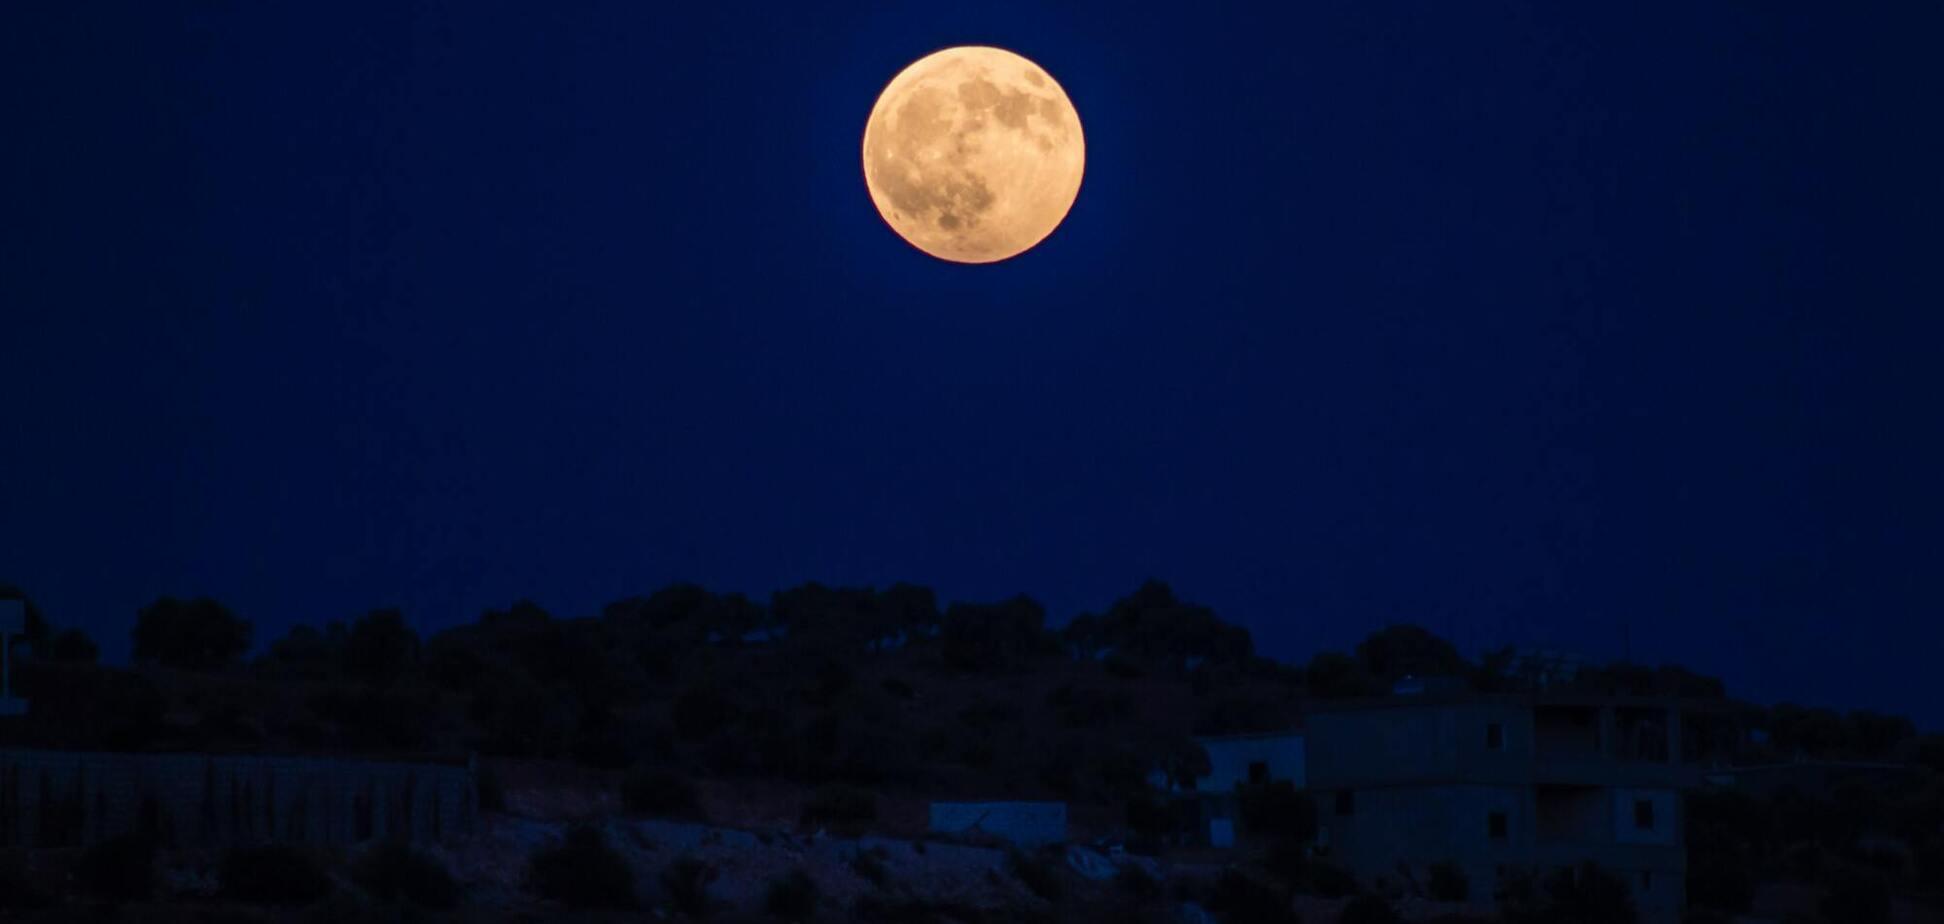 Как повлияет первое полнолуние года на знаки Зодиака